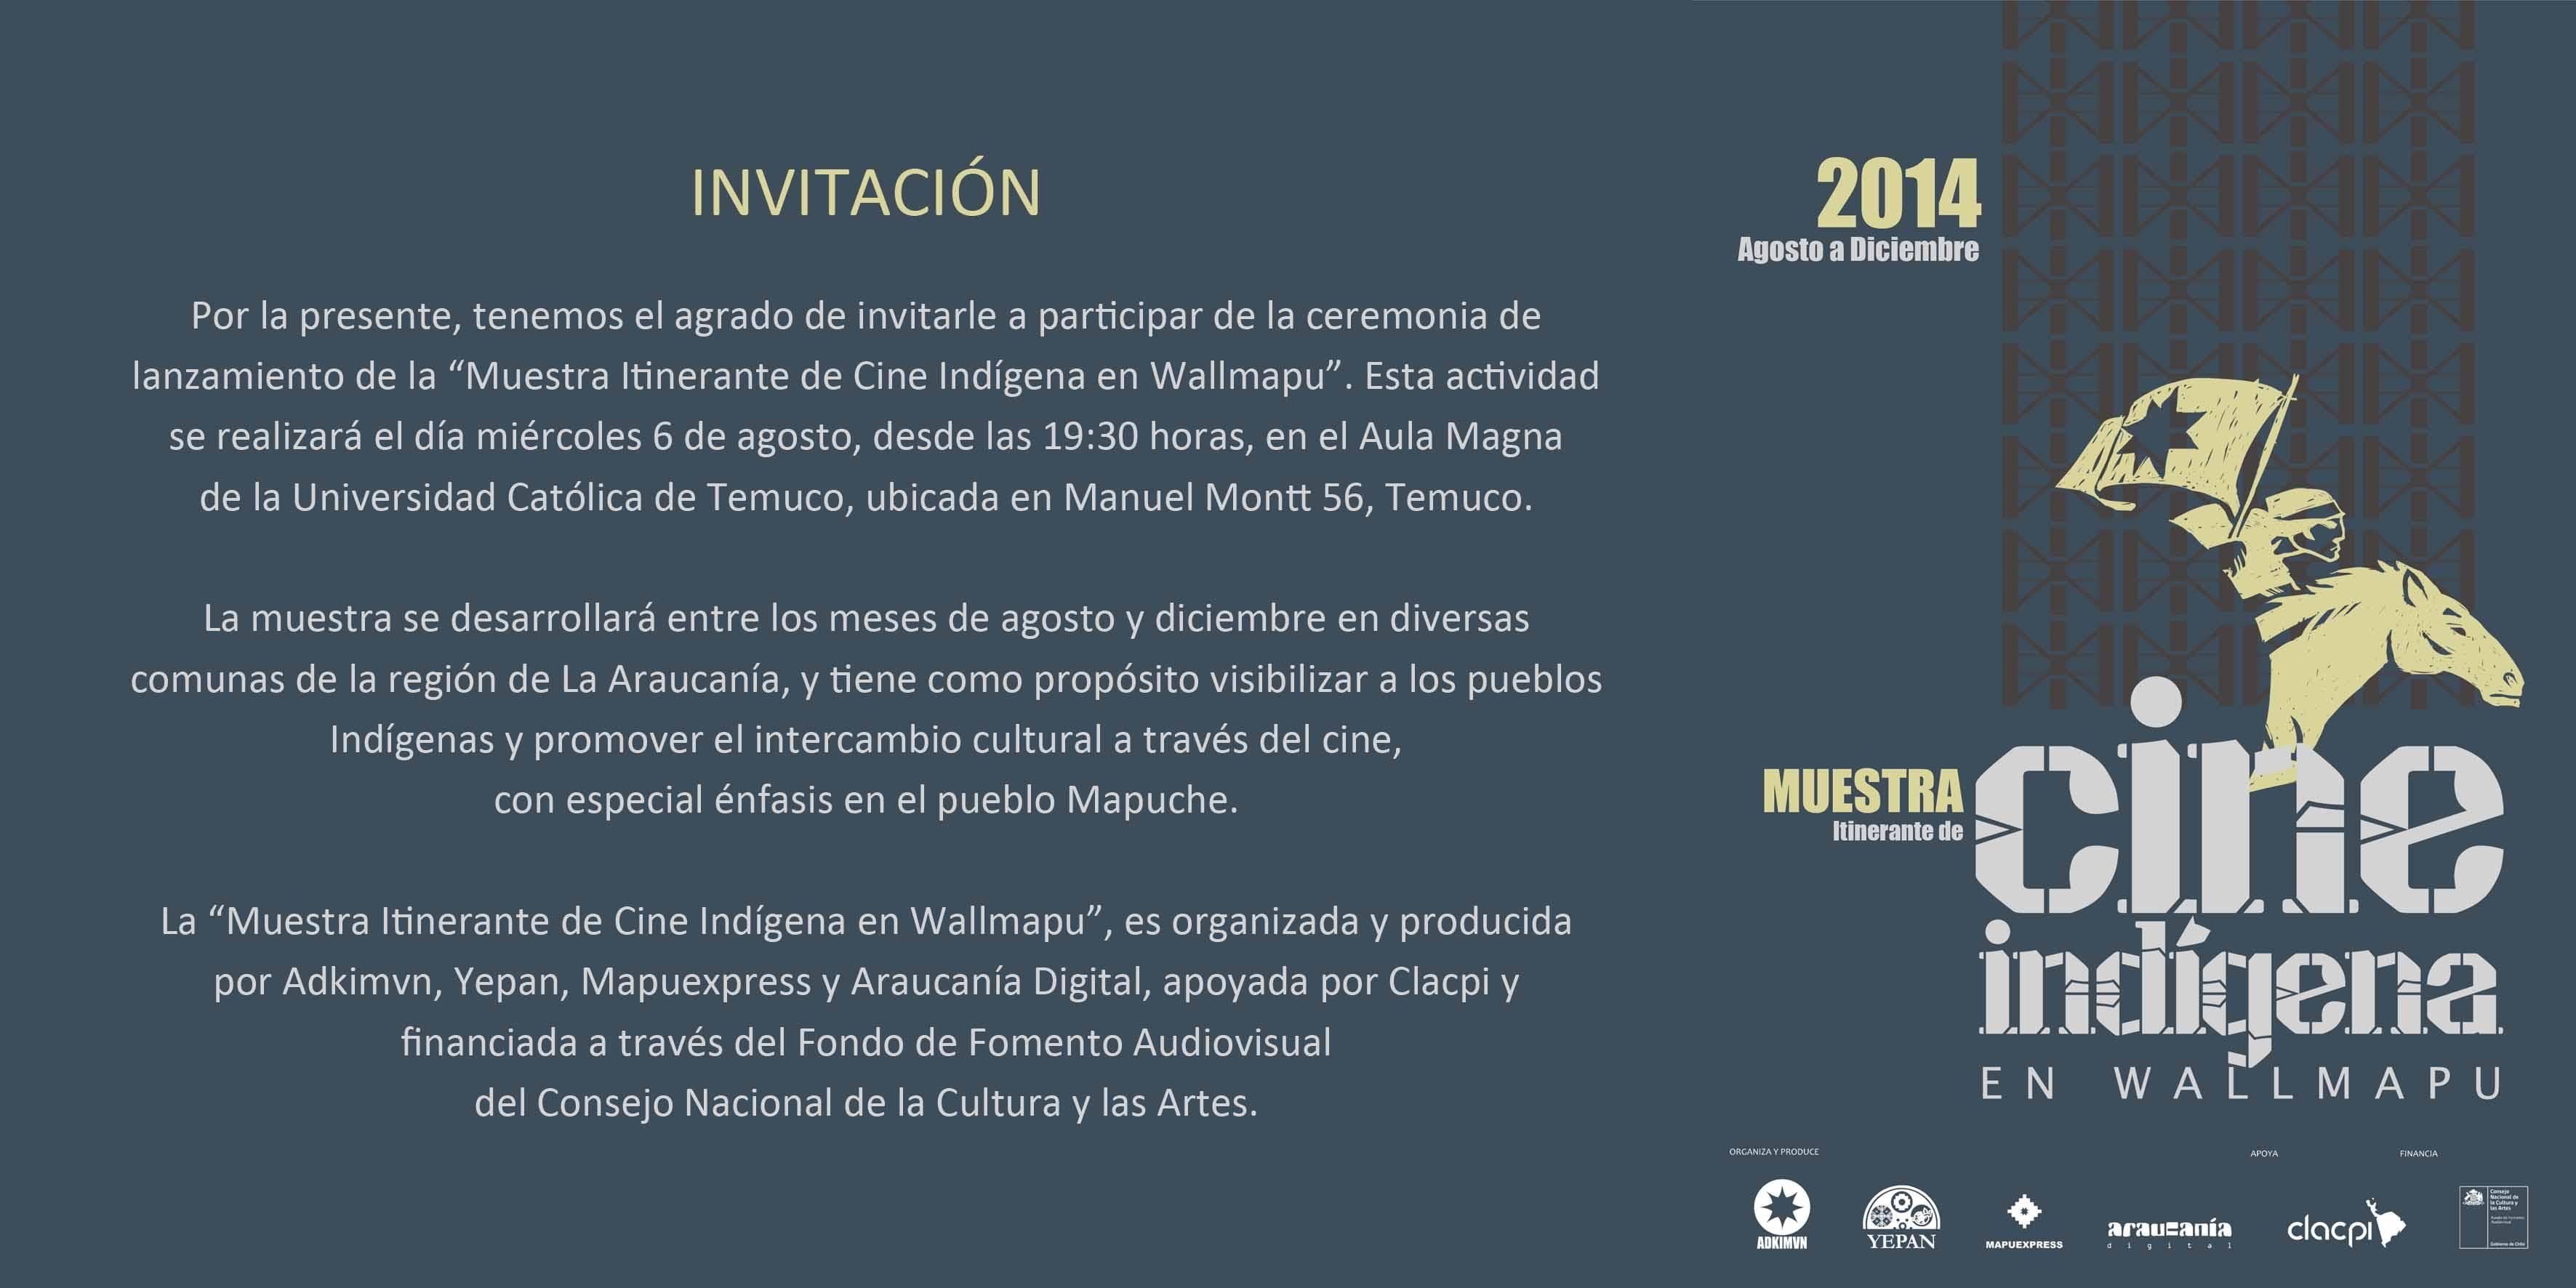 invitación muestra cine